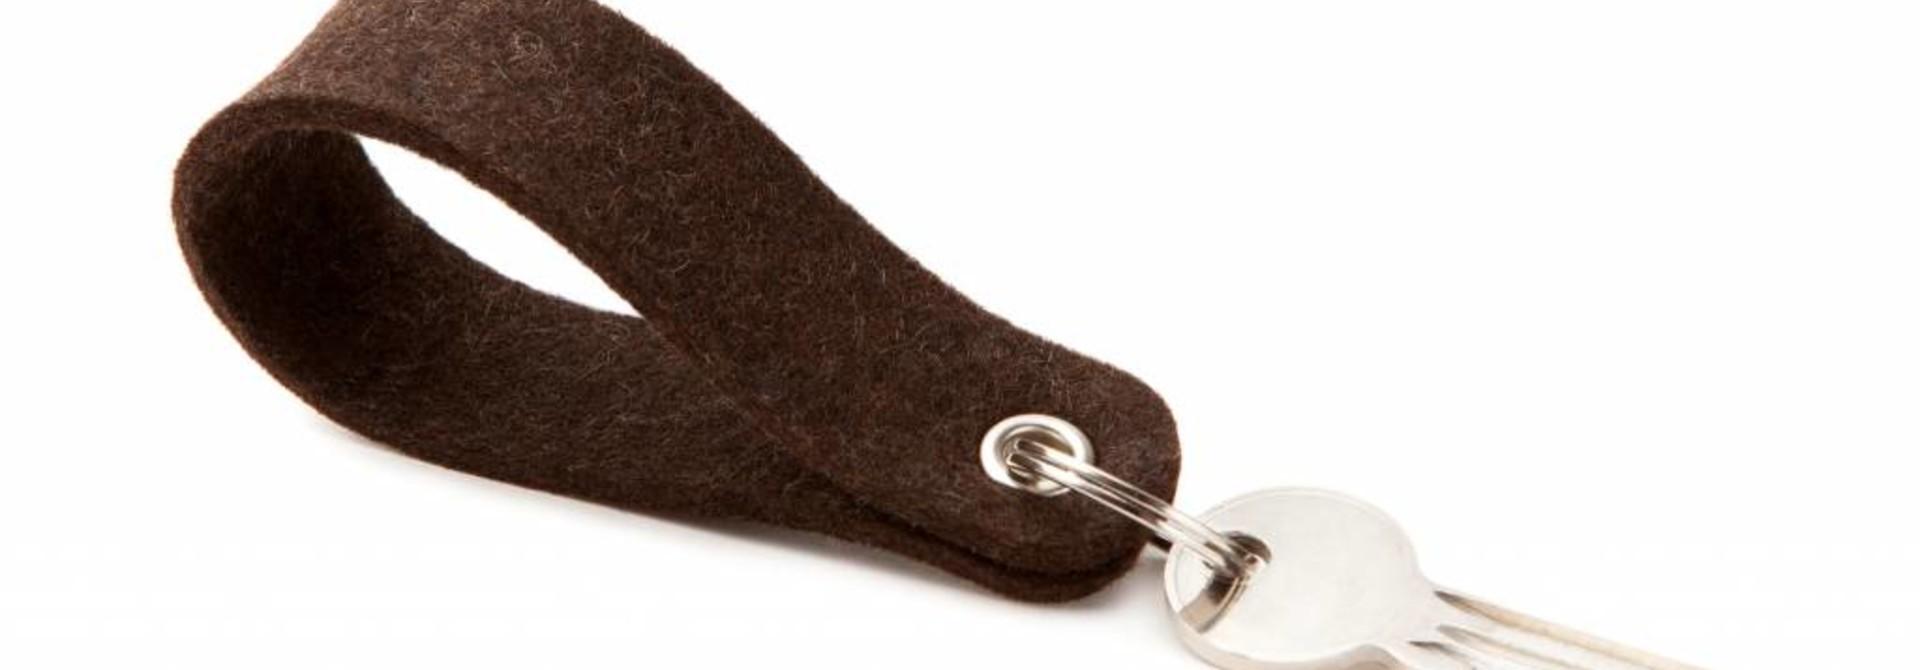 Schlüsselanhänger Trüffelbraun rund